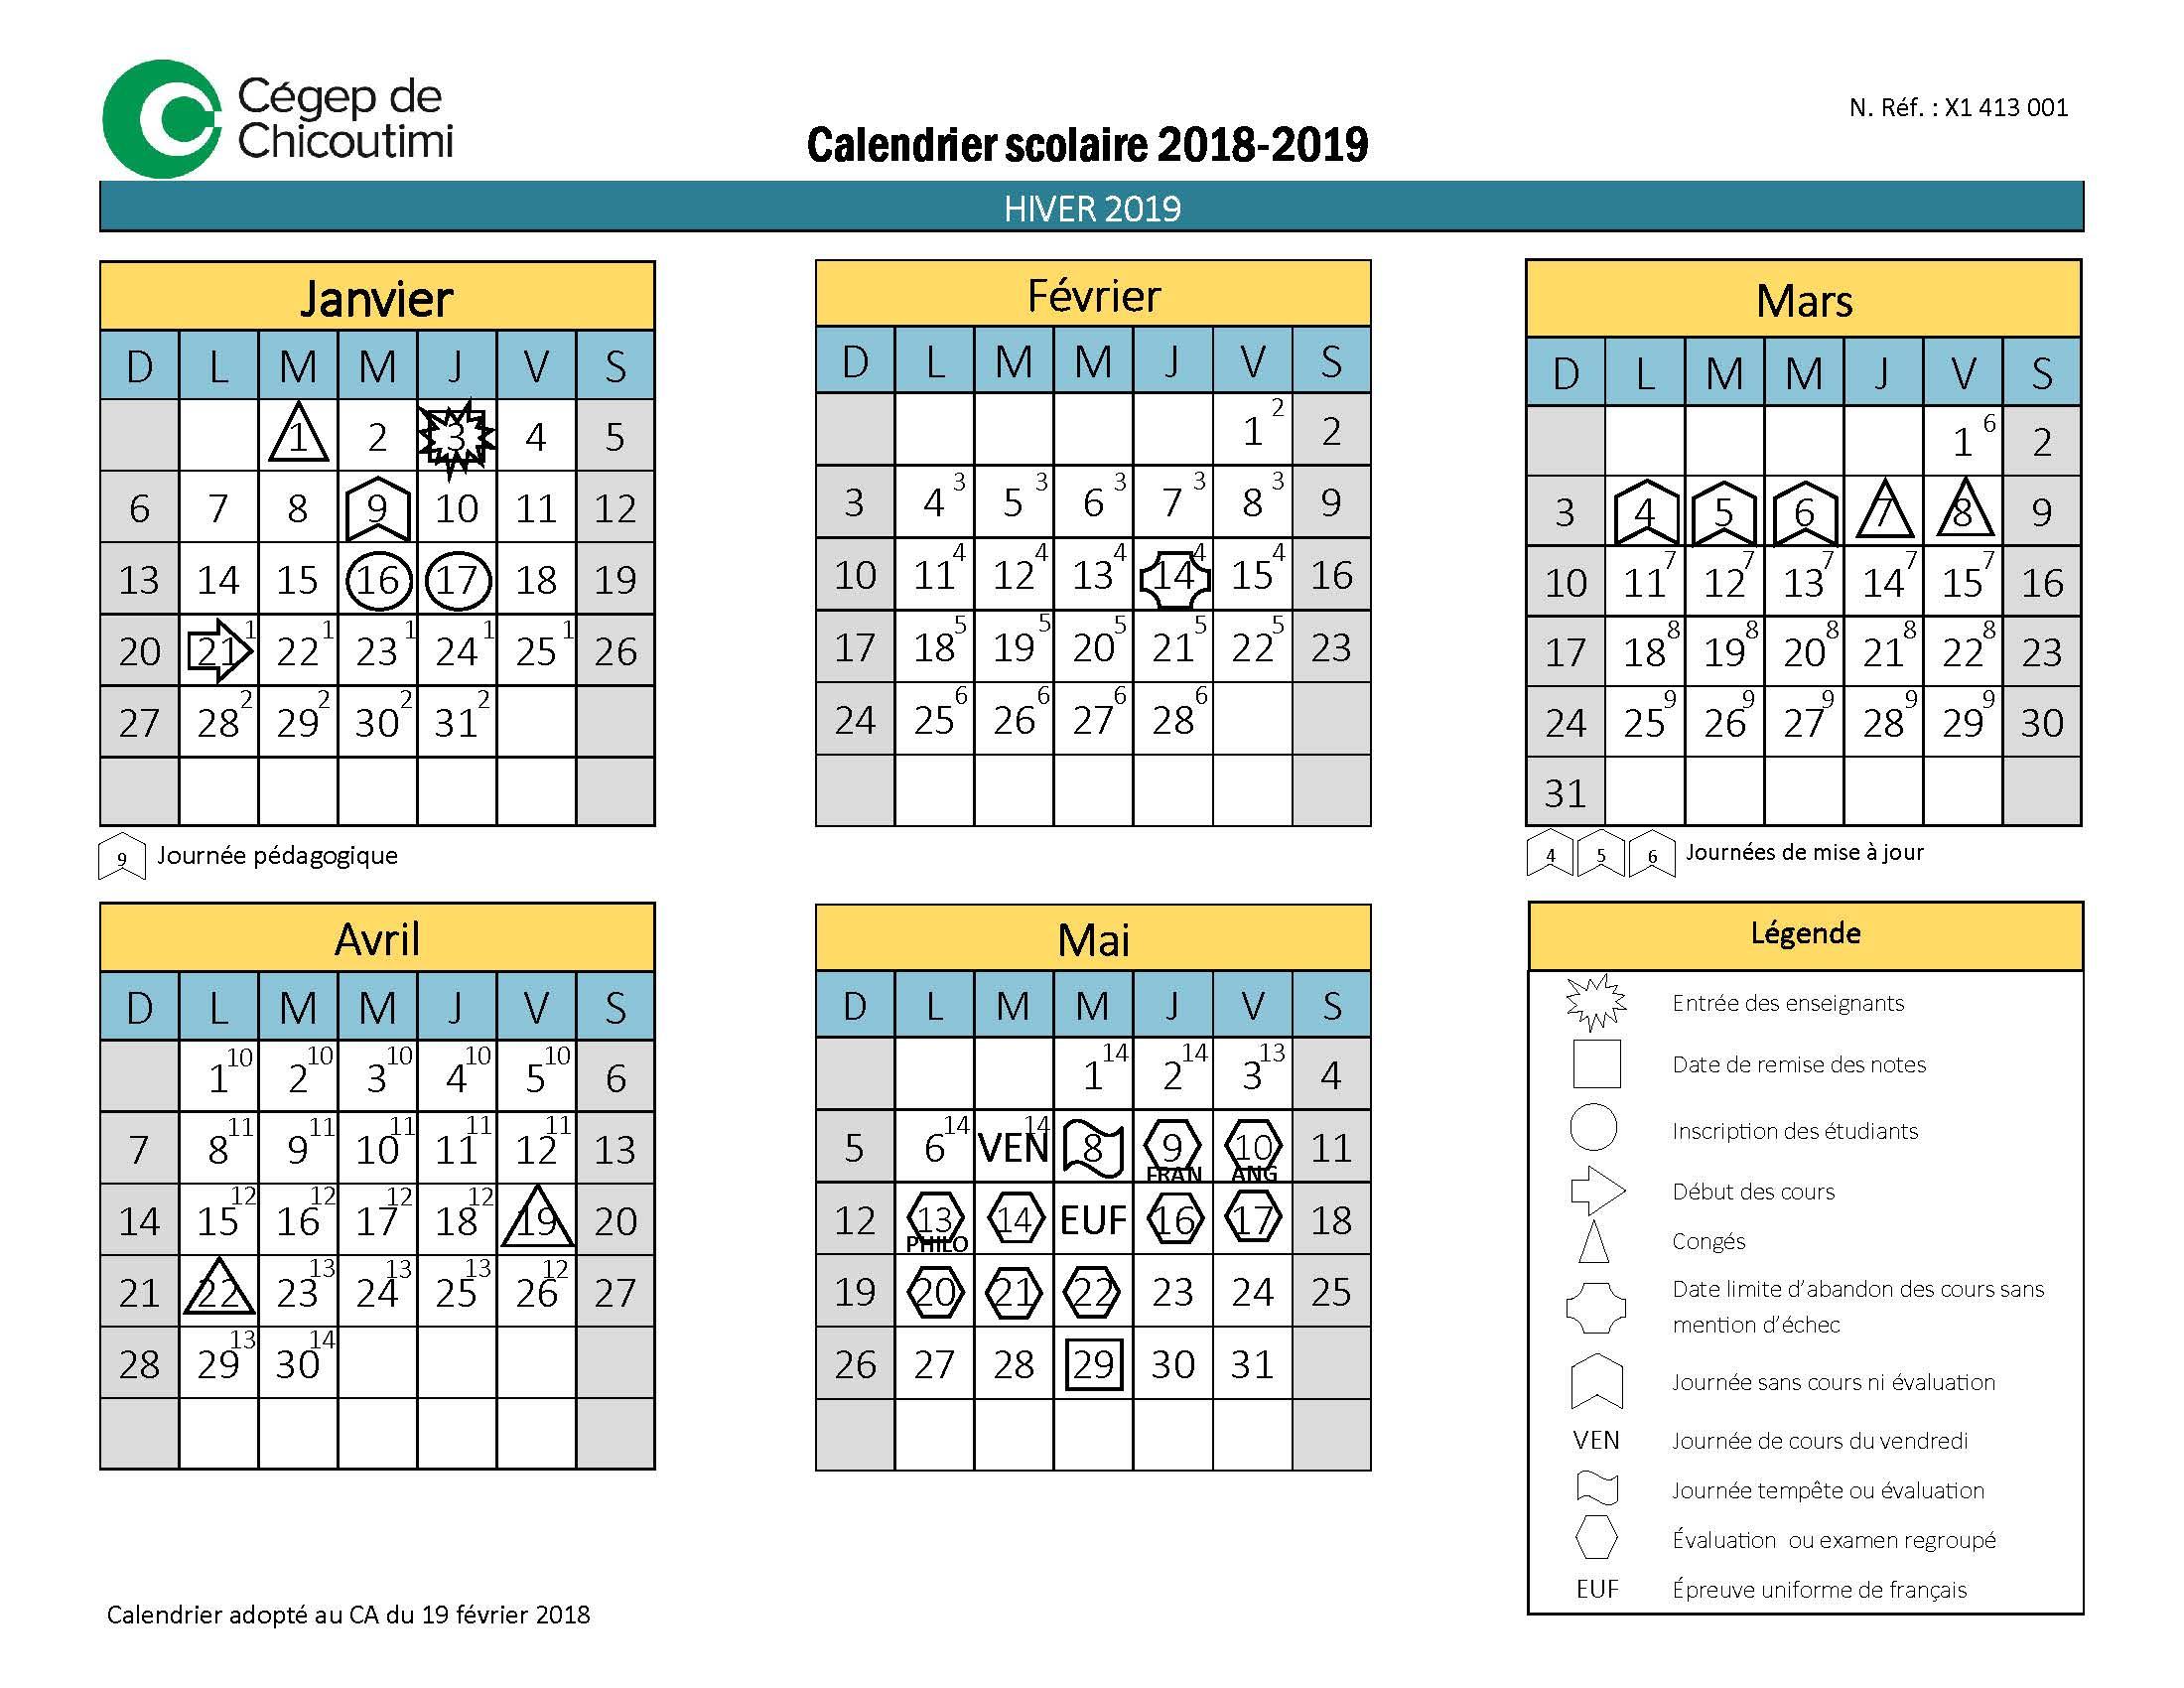 Calendrier scolaire 2018-2019 du Cégep de Chicoutimi - Hiver